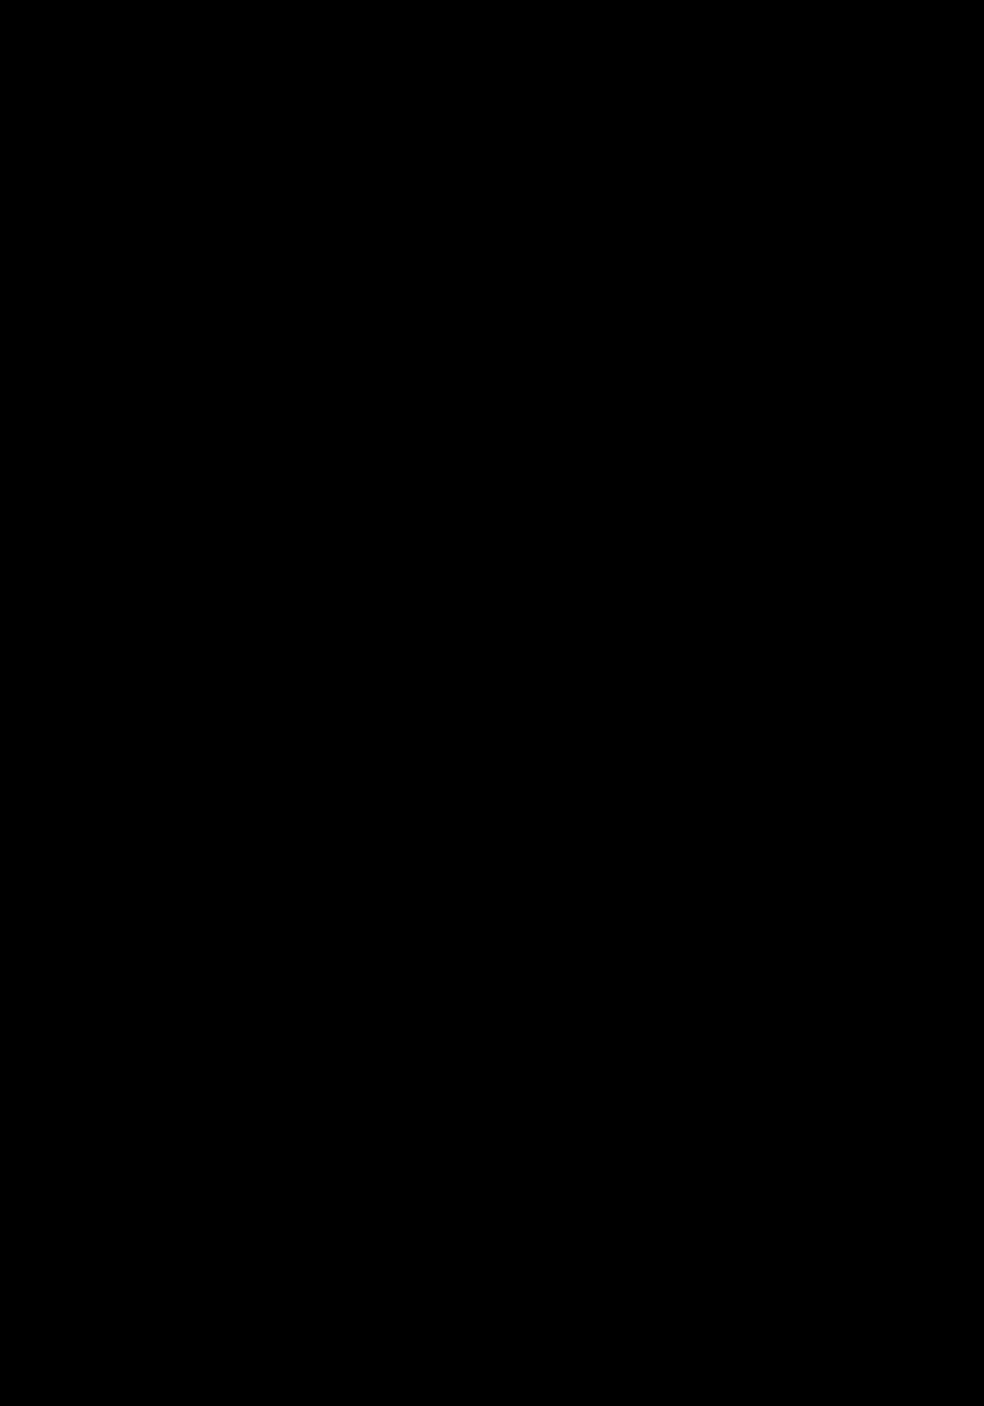 岩田細明朝 ILM-A 縦組見本